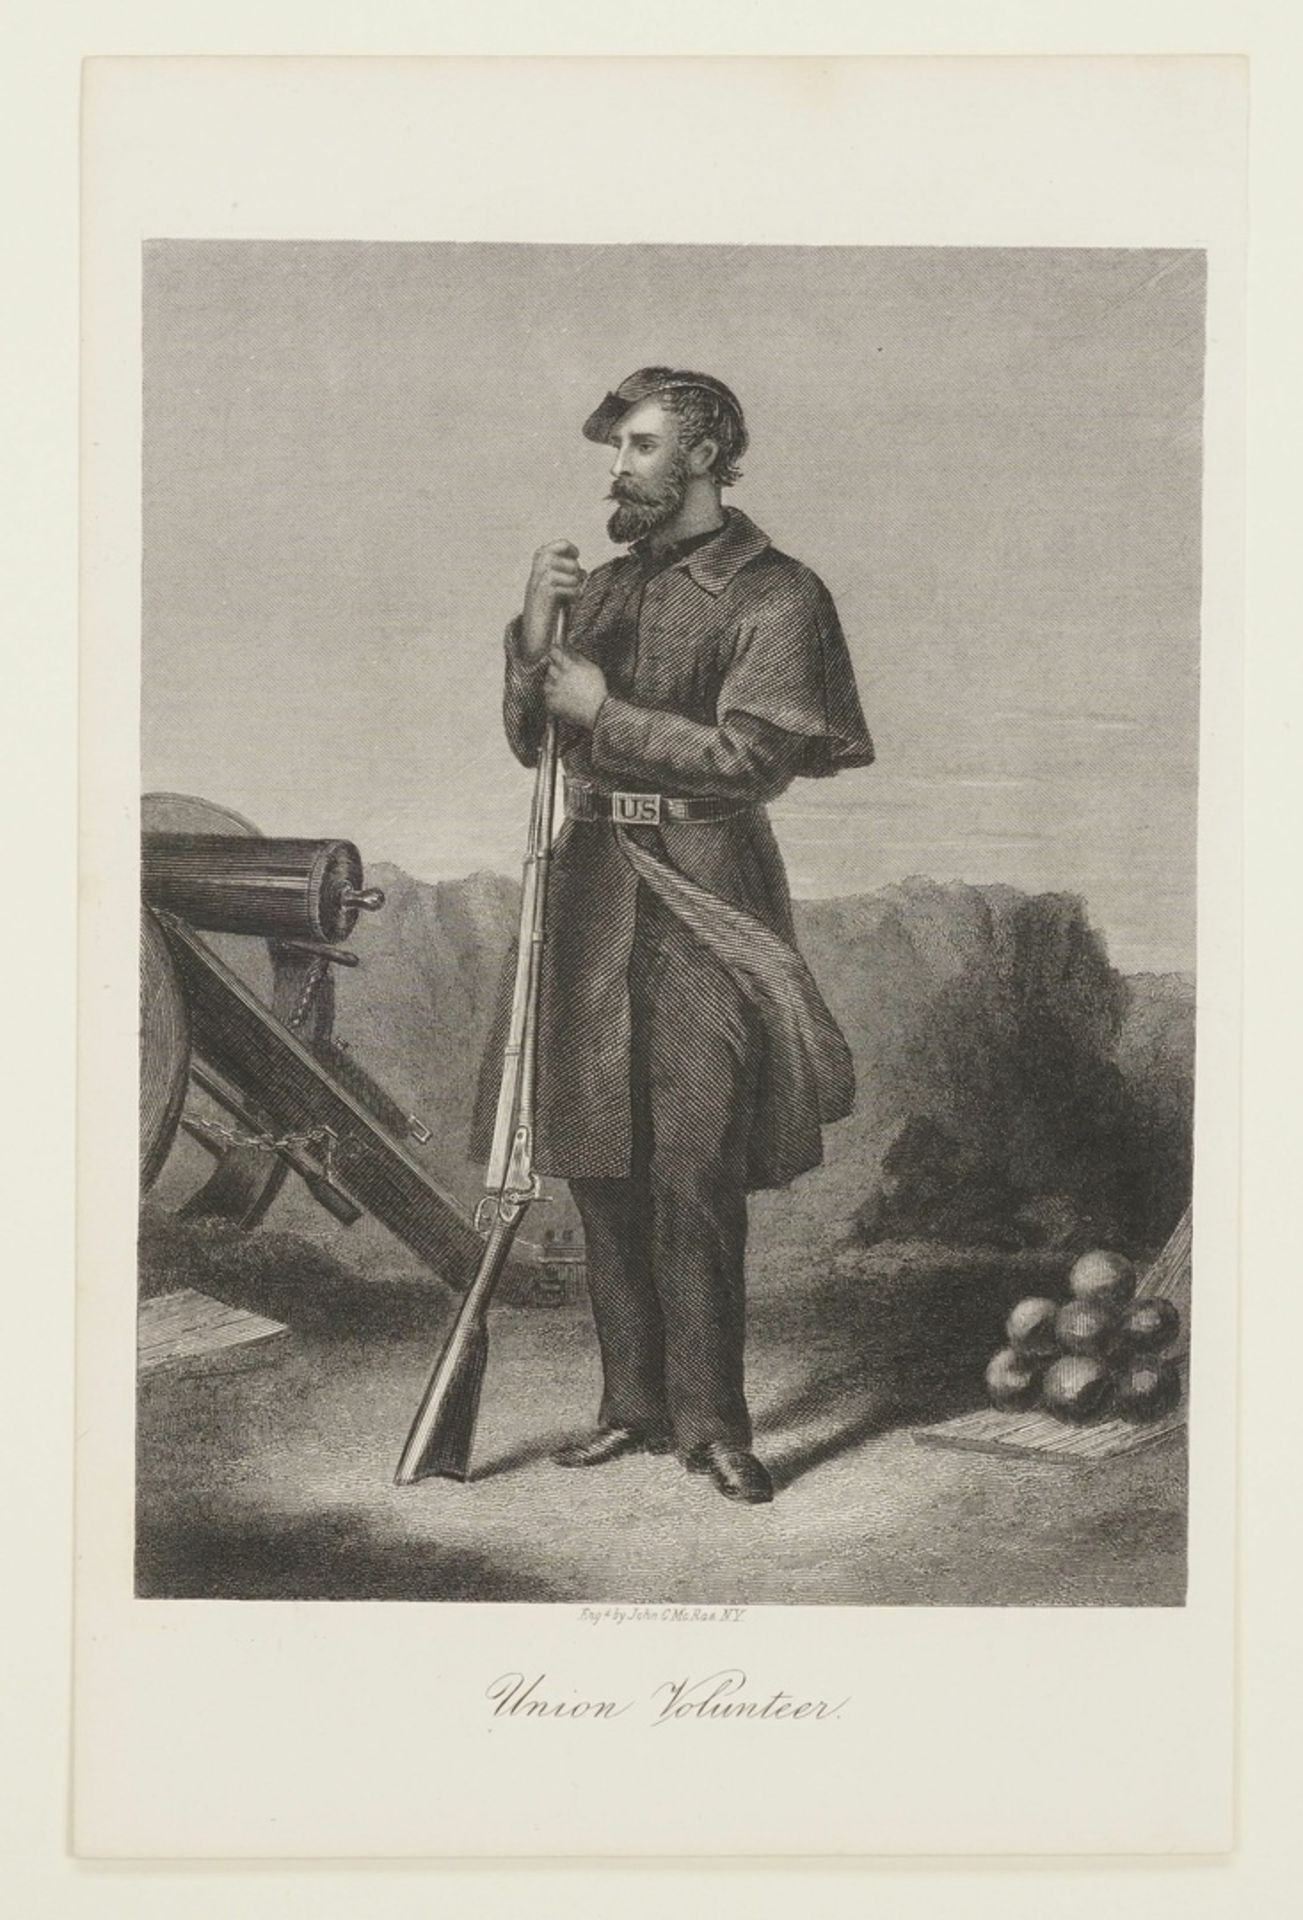 John C. McRae, Drei Darstellungen nordamerikanischer Soldaten - Bild 4 aus 4